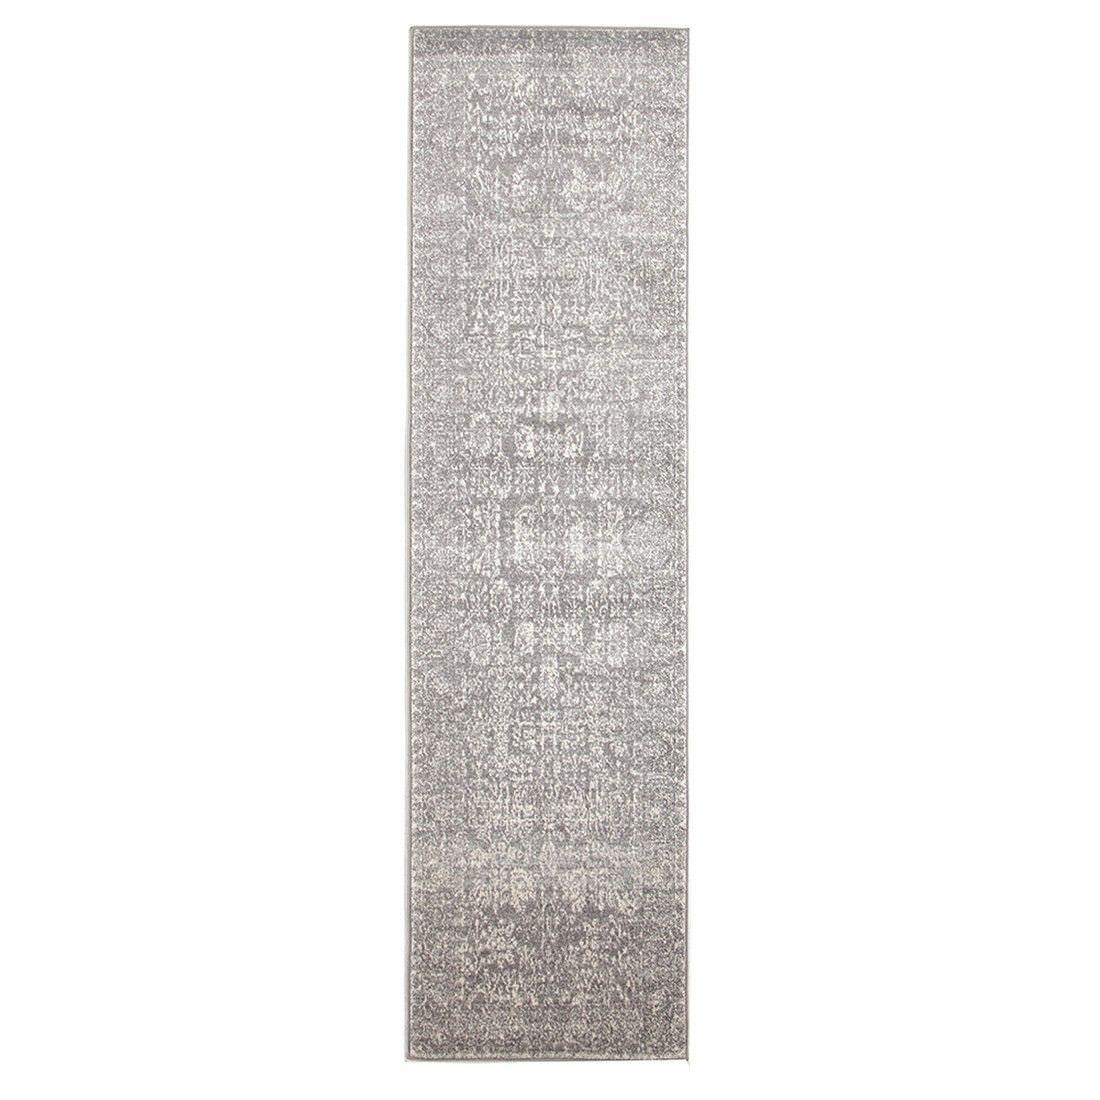 Evoke Frost Turkish Made Oriental Runner Rug, 400x80cm, Grey